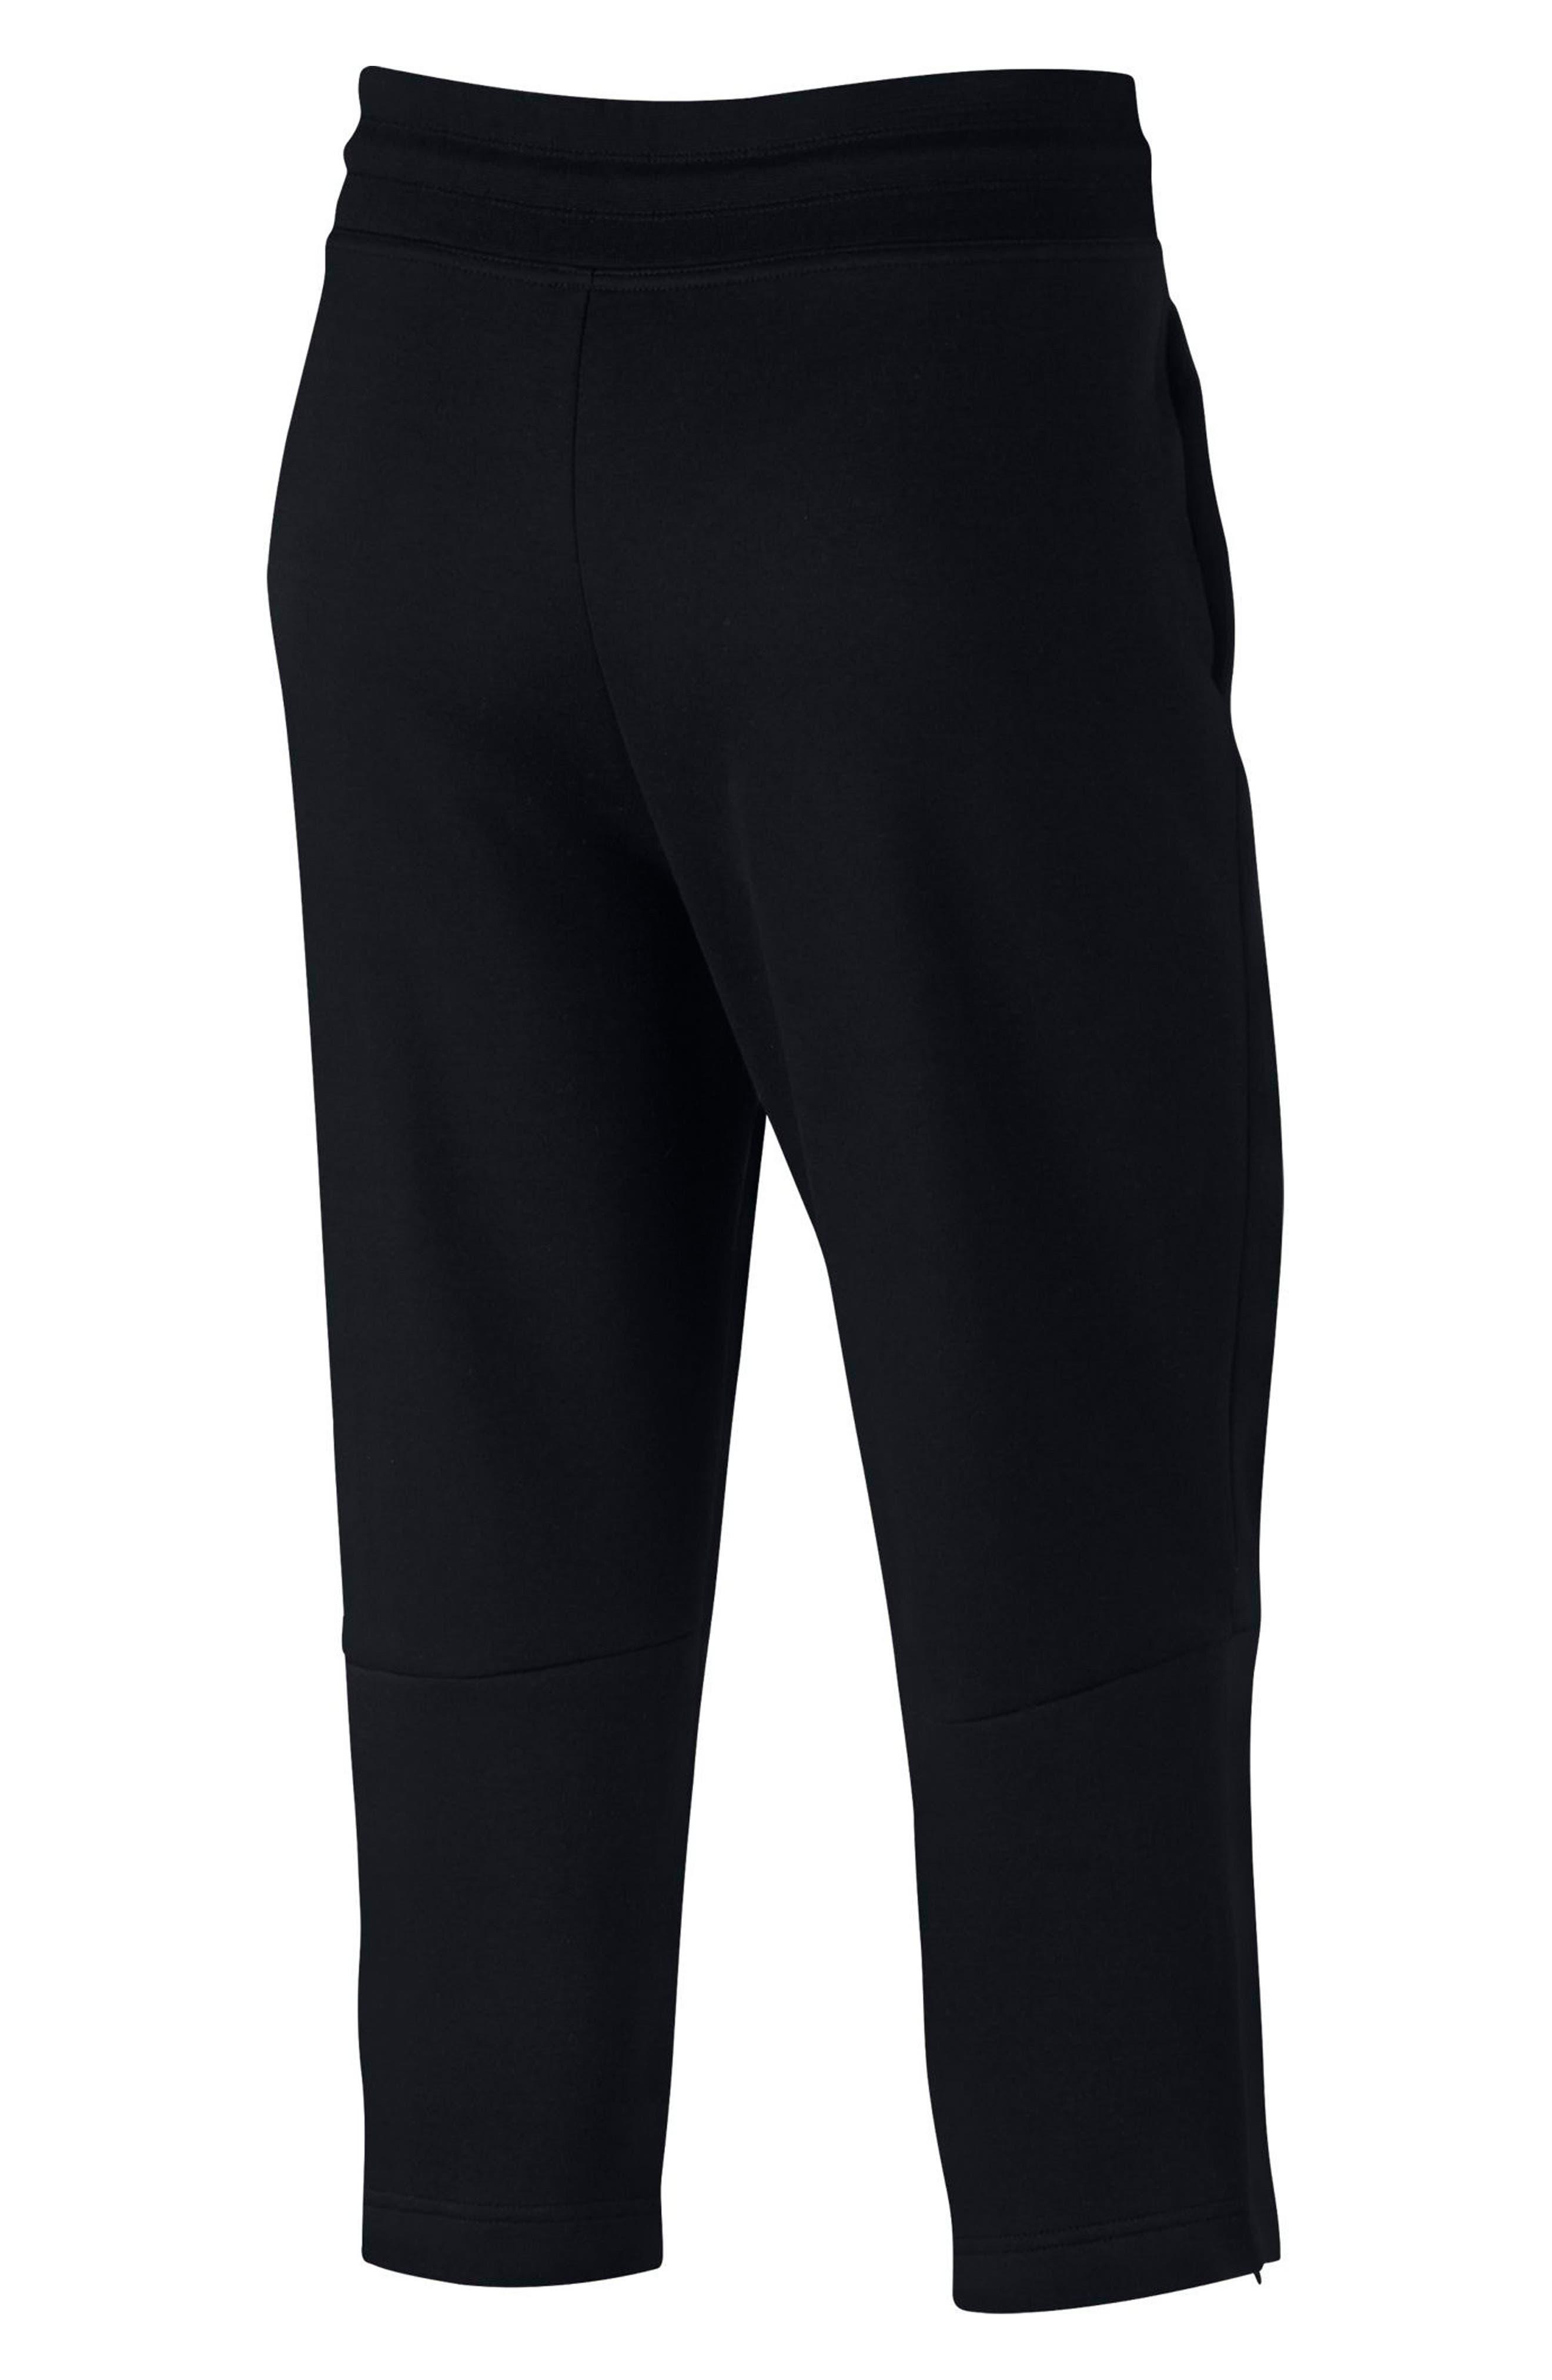 Sportswear Women's Tech Fleece Sneaker Pants,                             Alternate thumbnail 6, color,                             010